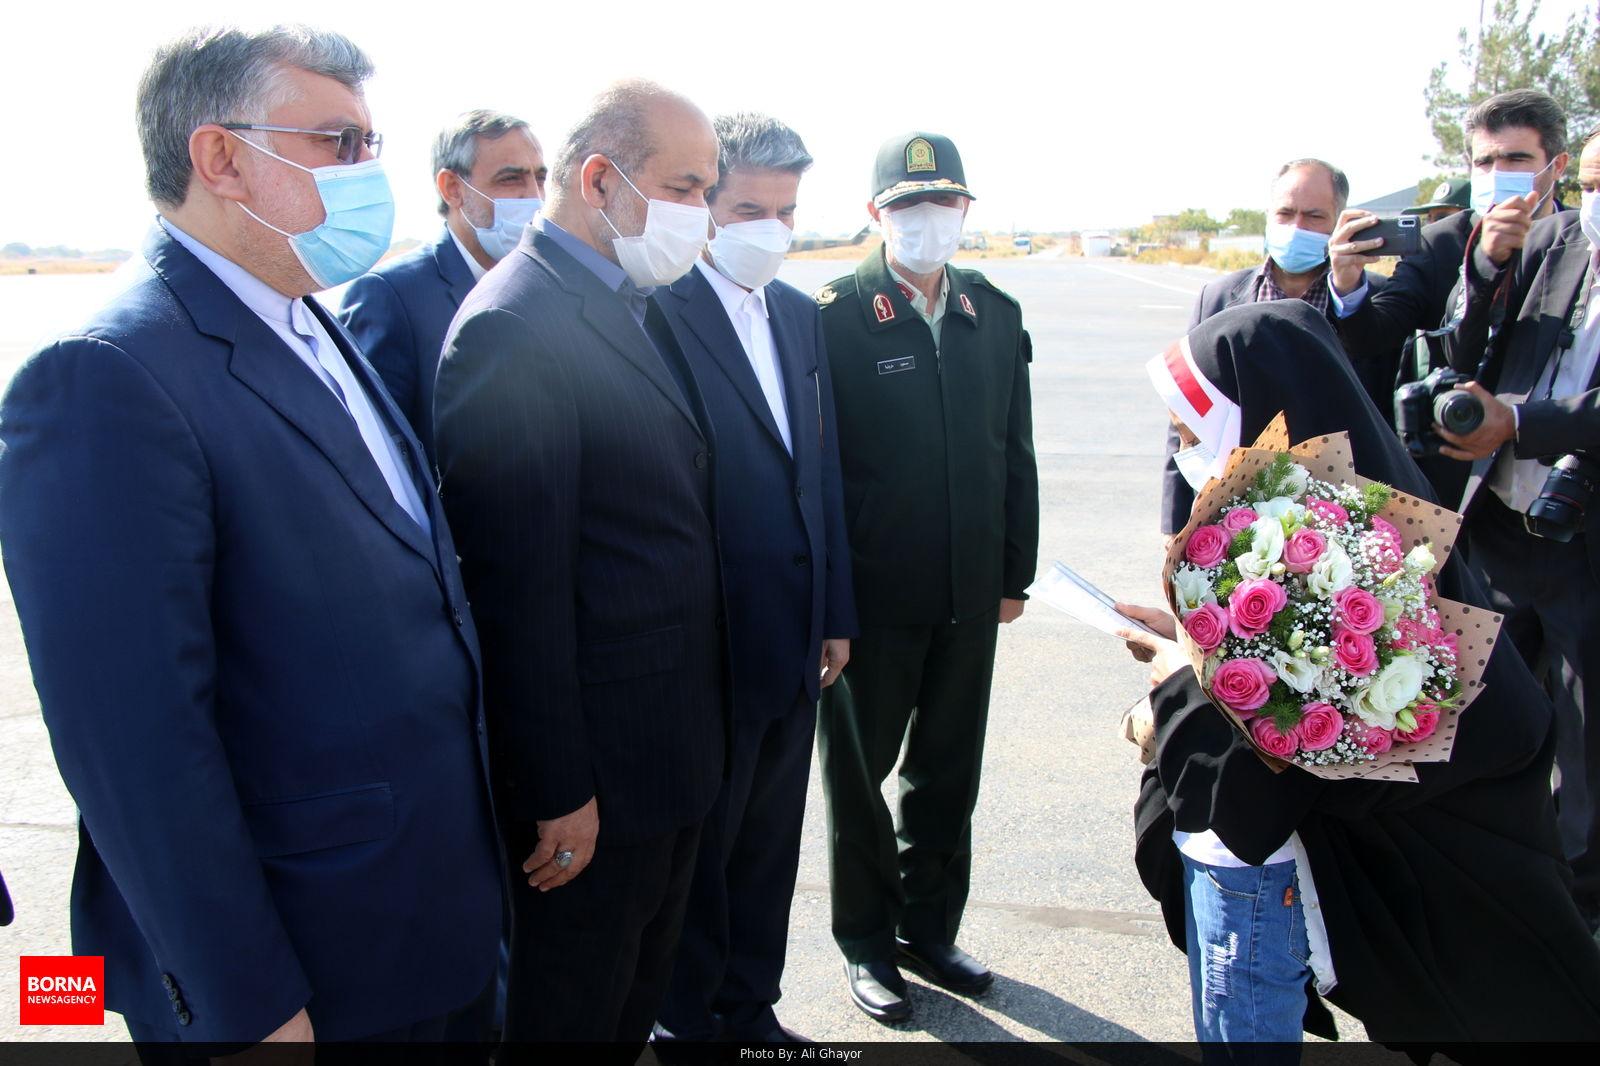 عکس/ استقبال از وزیر کشور در فرودگاه شهید باکری ارومیه